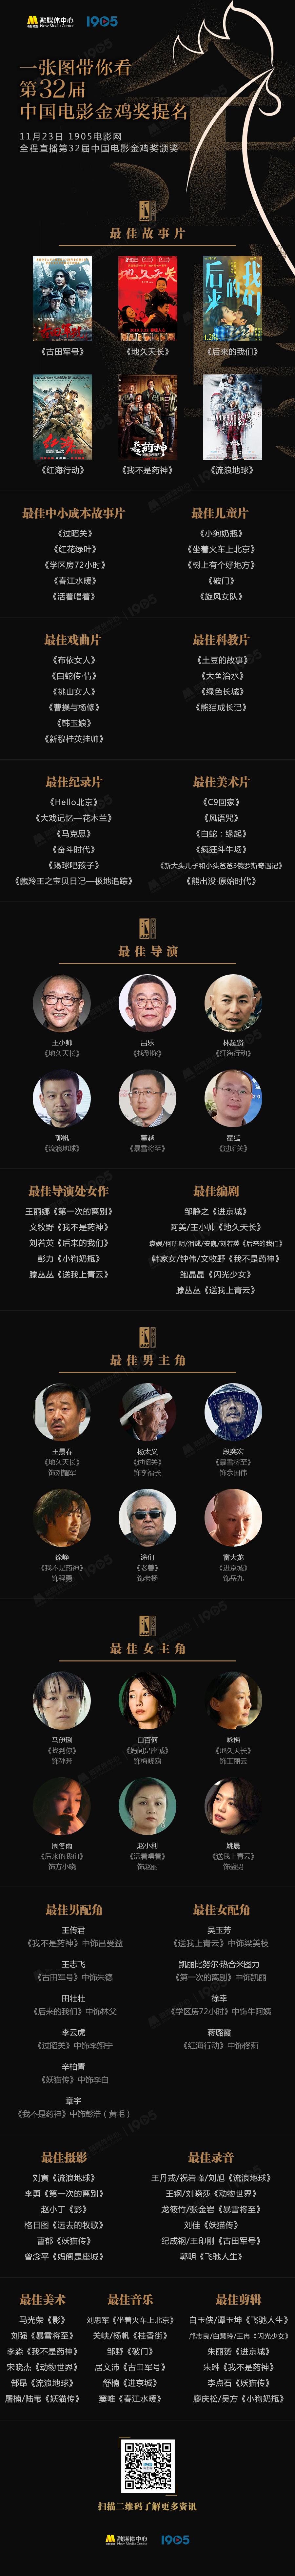 2019金鸡奖初选名单曝光!本届金鸡奖评委会主任由陈凯歌导演担任